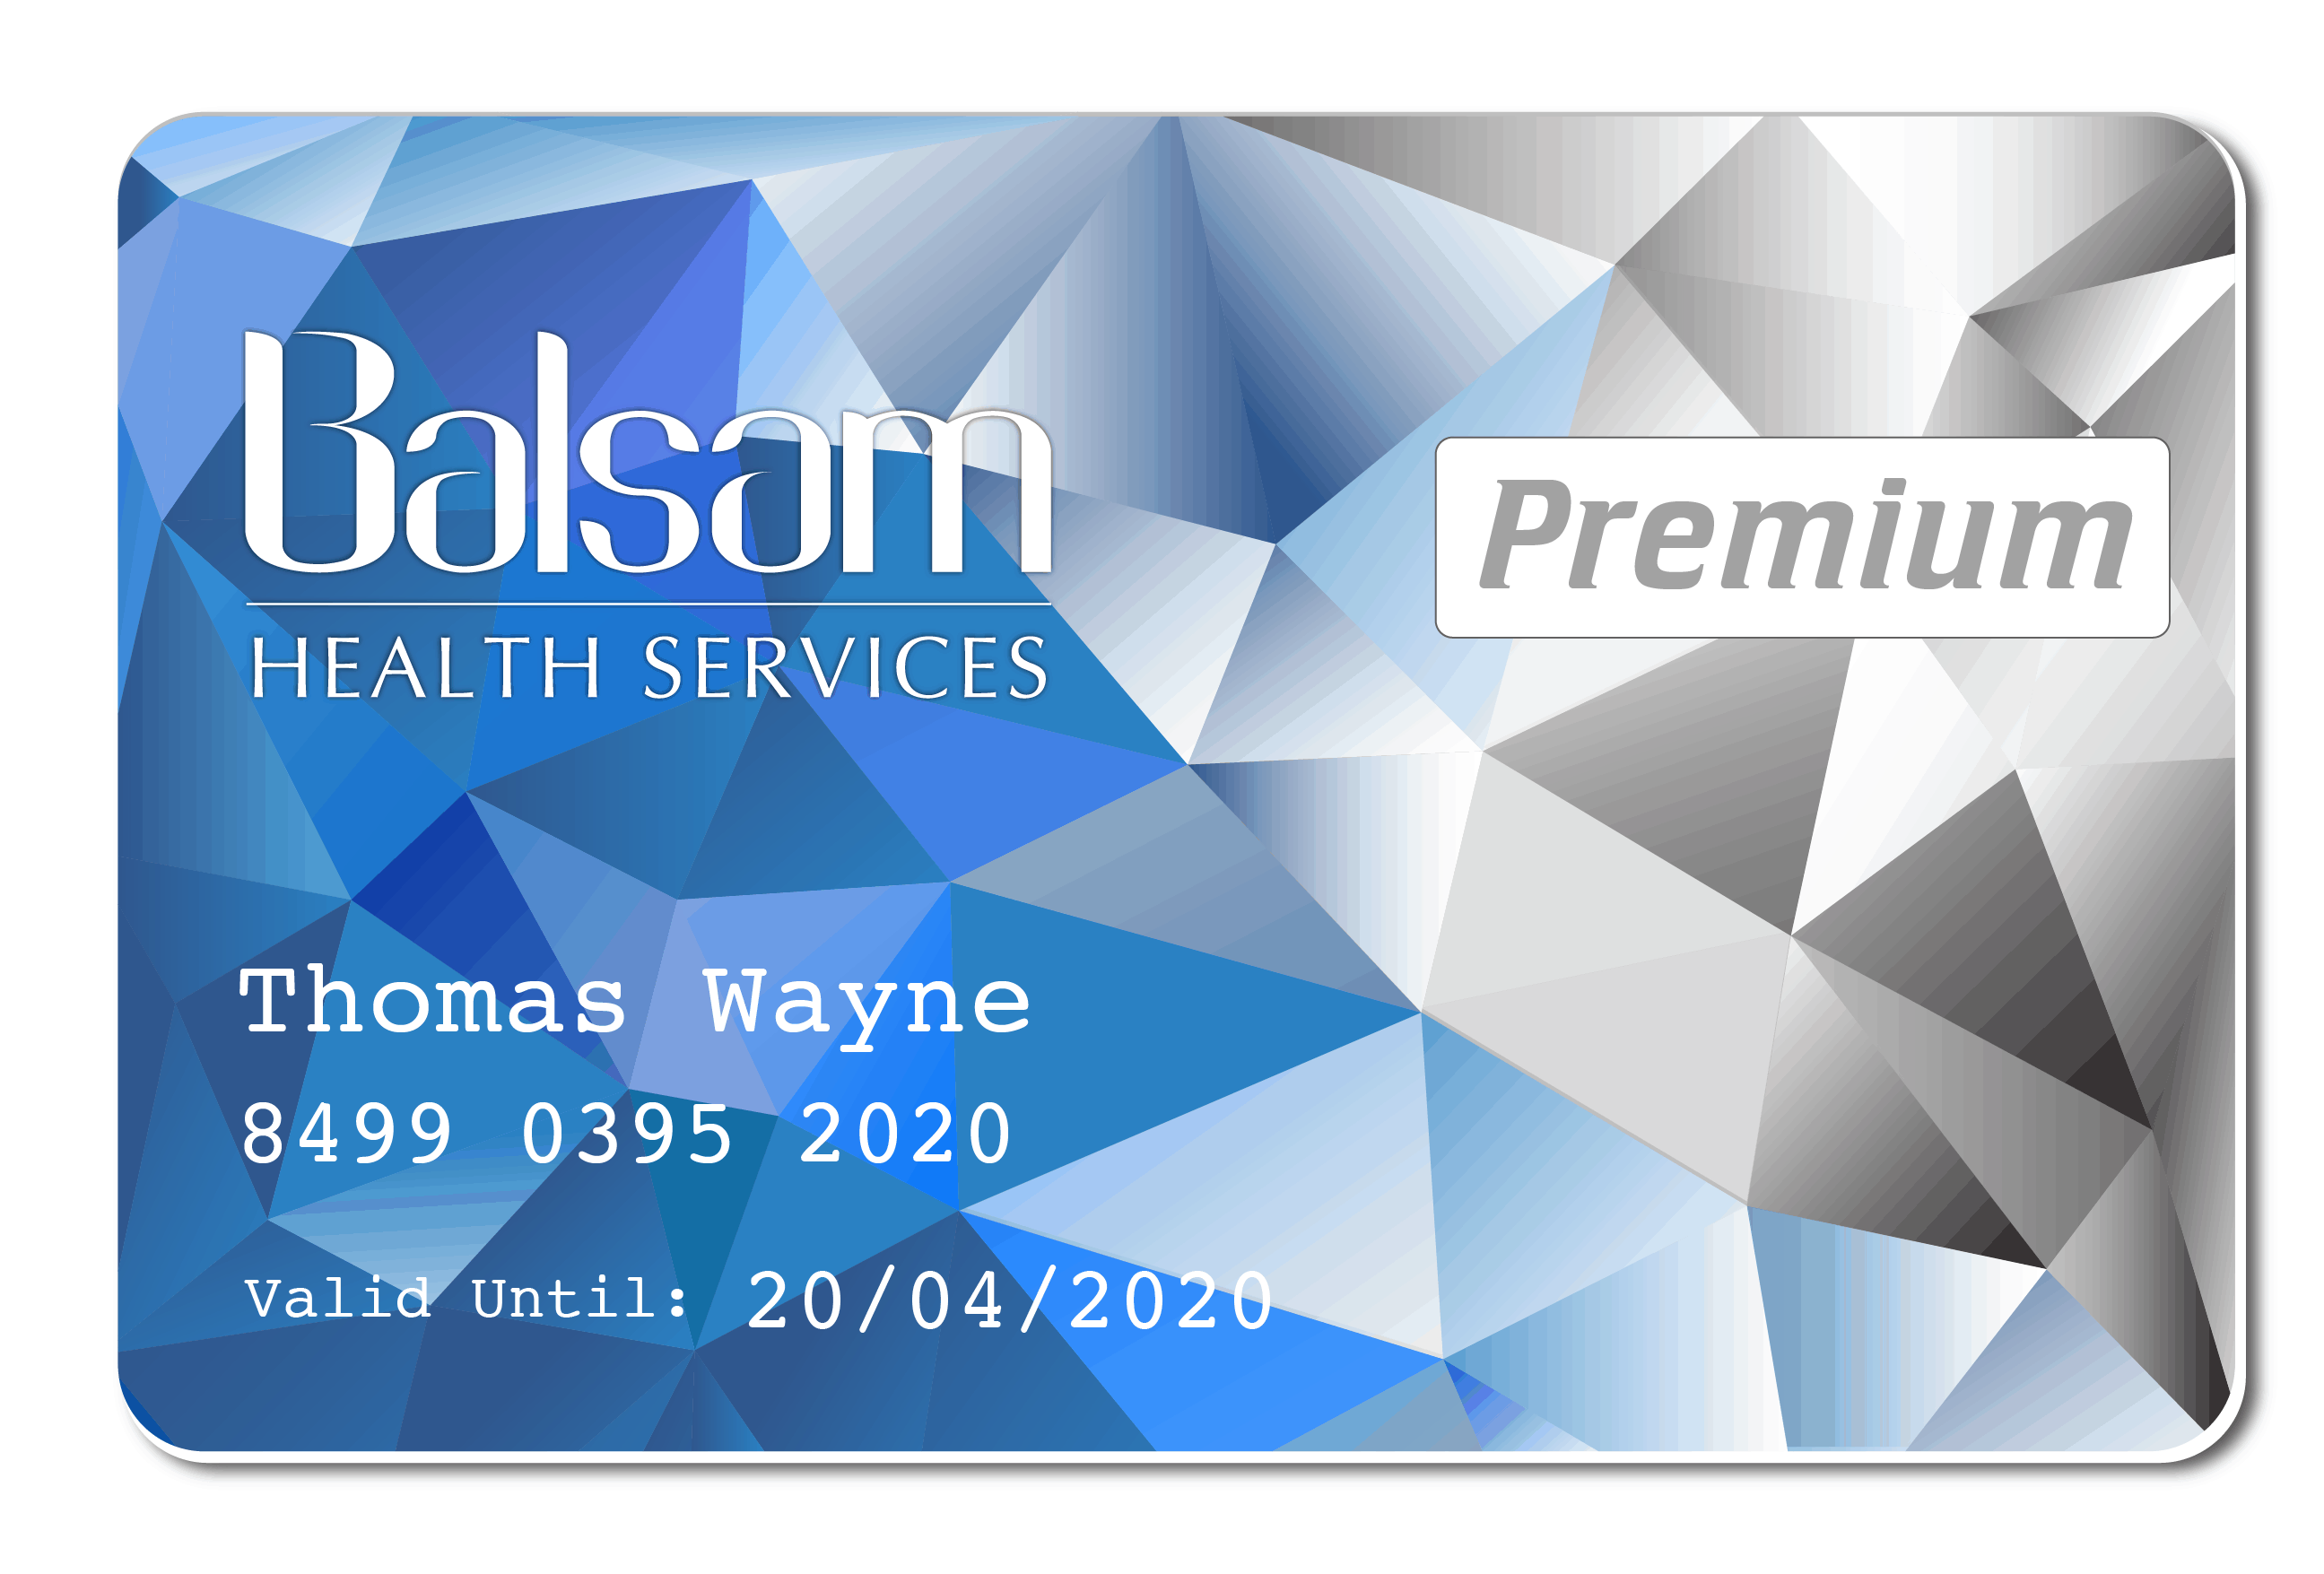 Balsam Premium Member Card